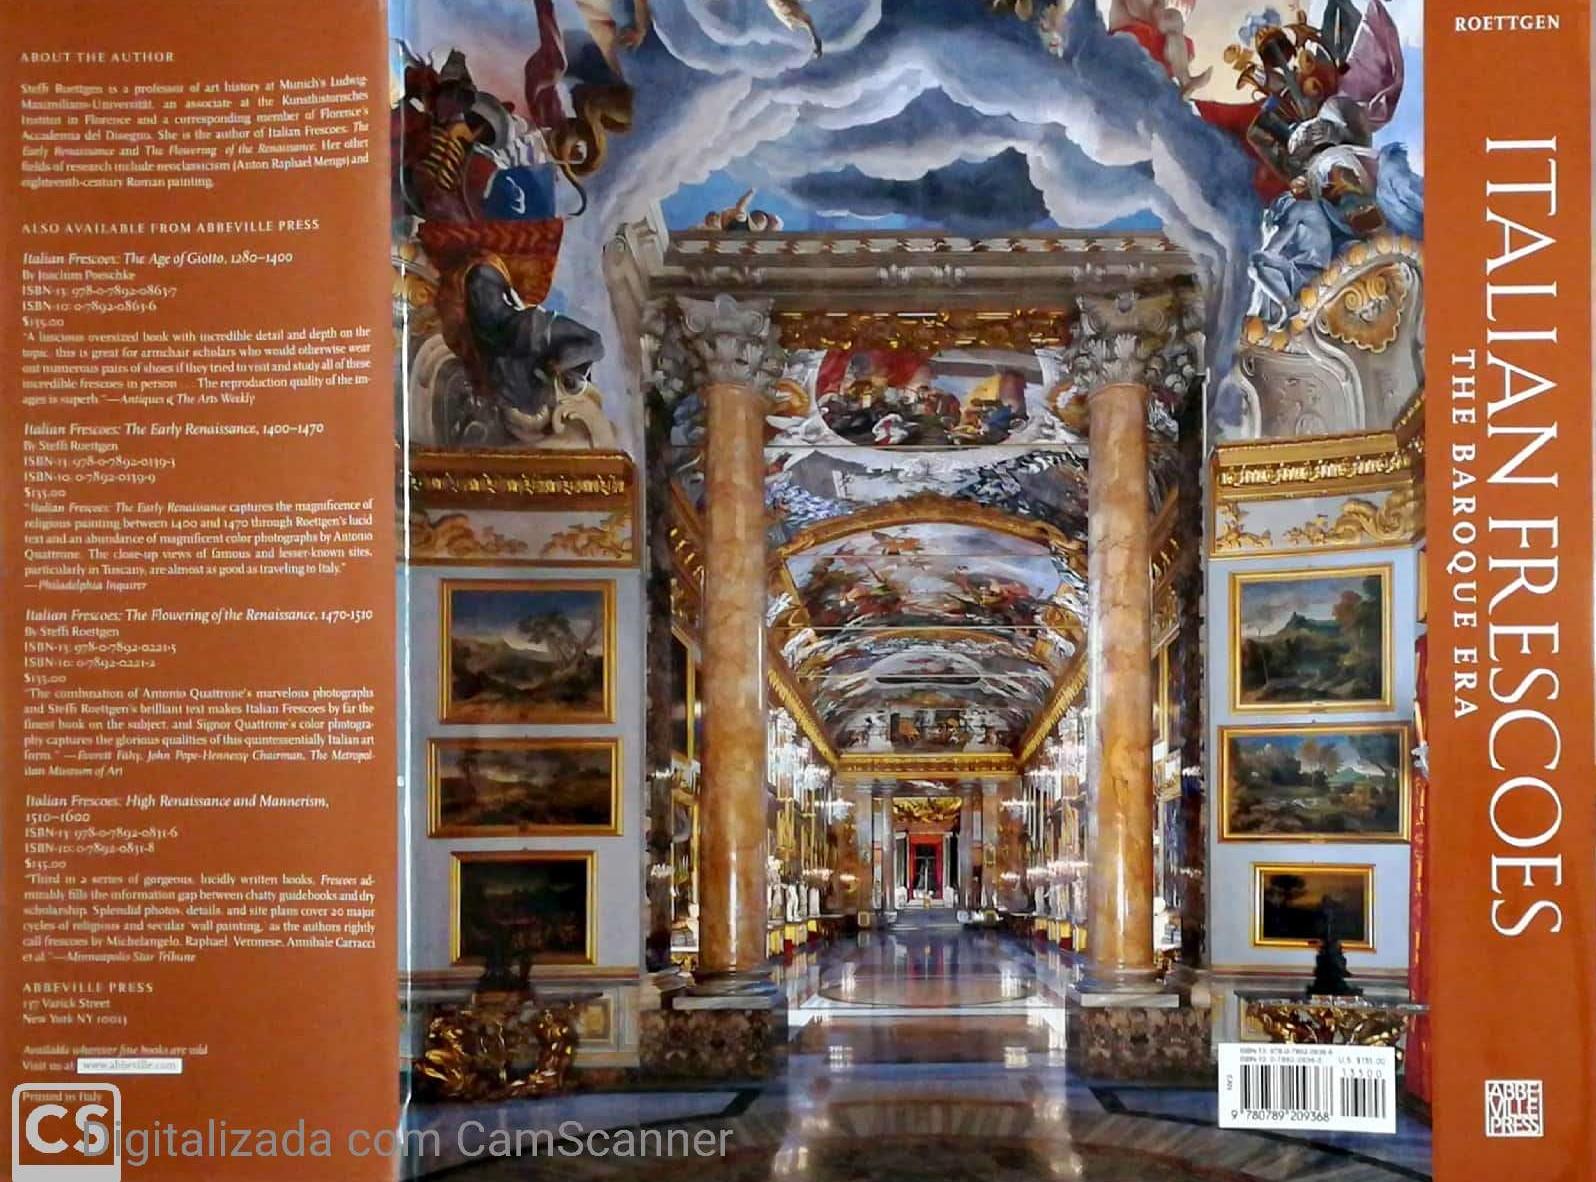 Italian Frescoes 12 (4)